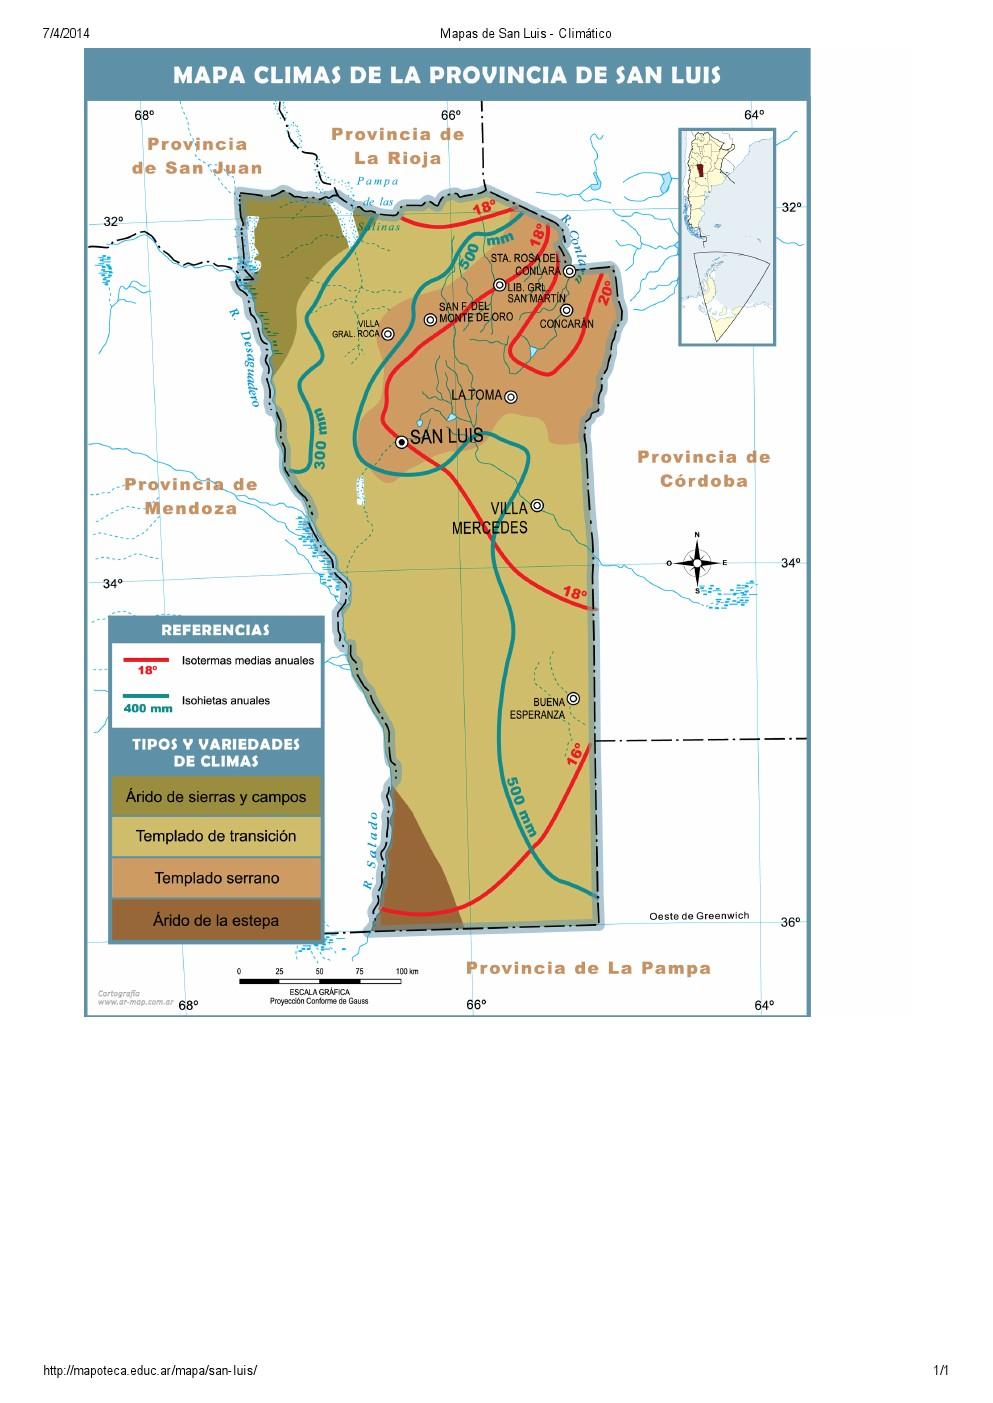 Mapa climático de San Luis. Mapoteca de Educ.ar